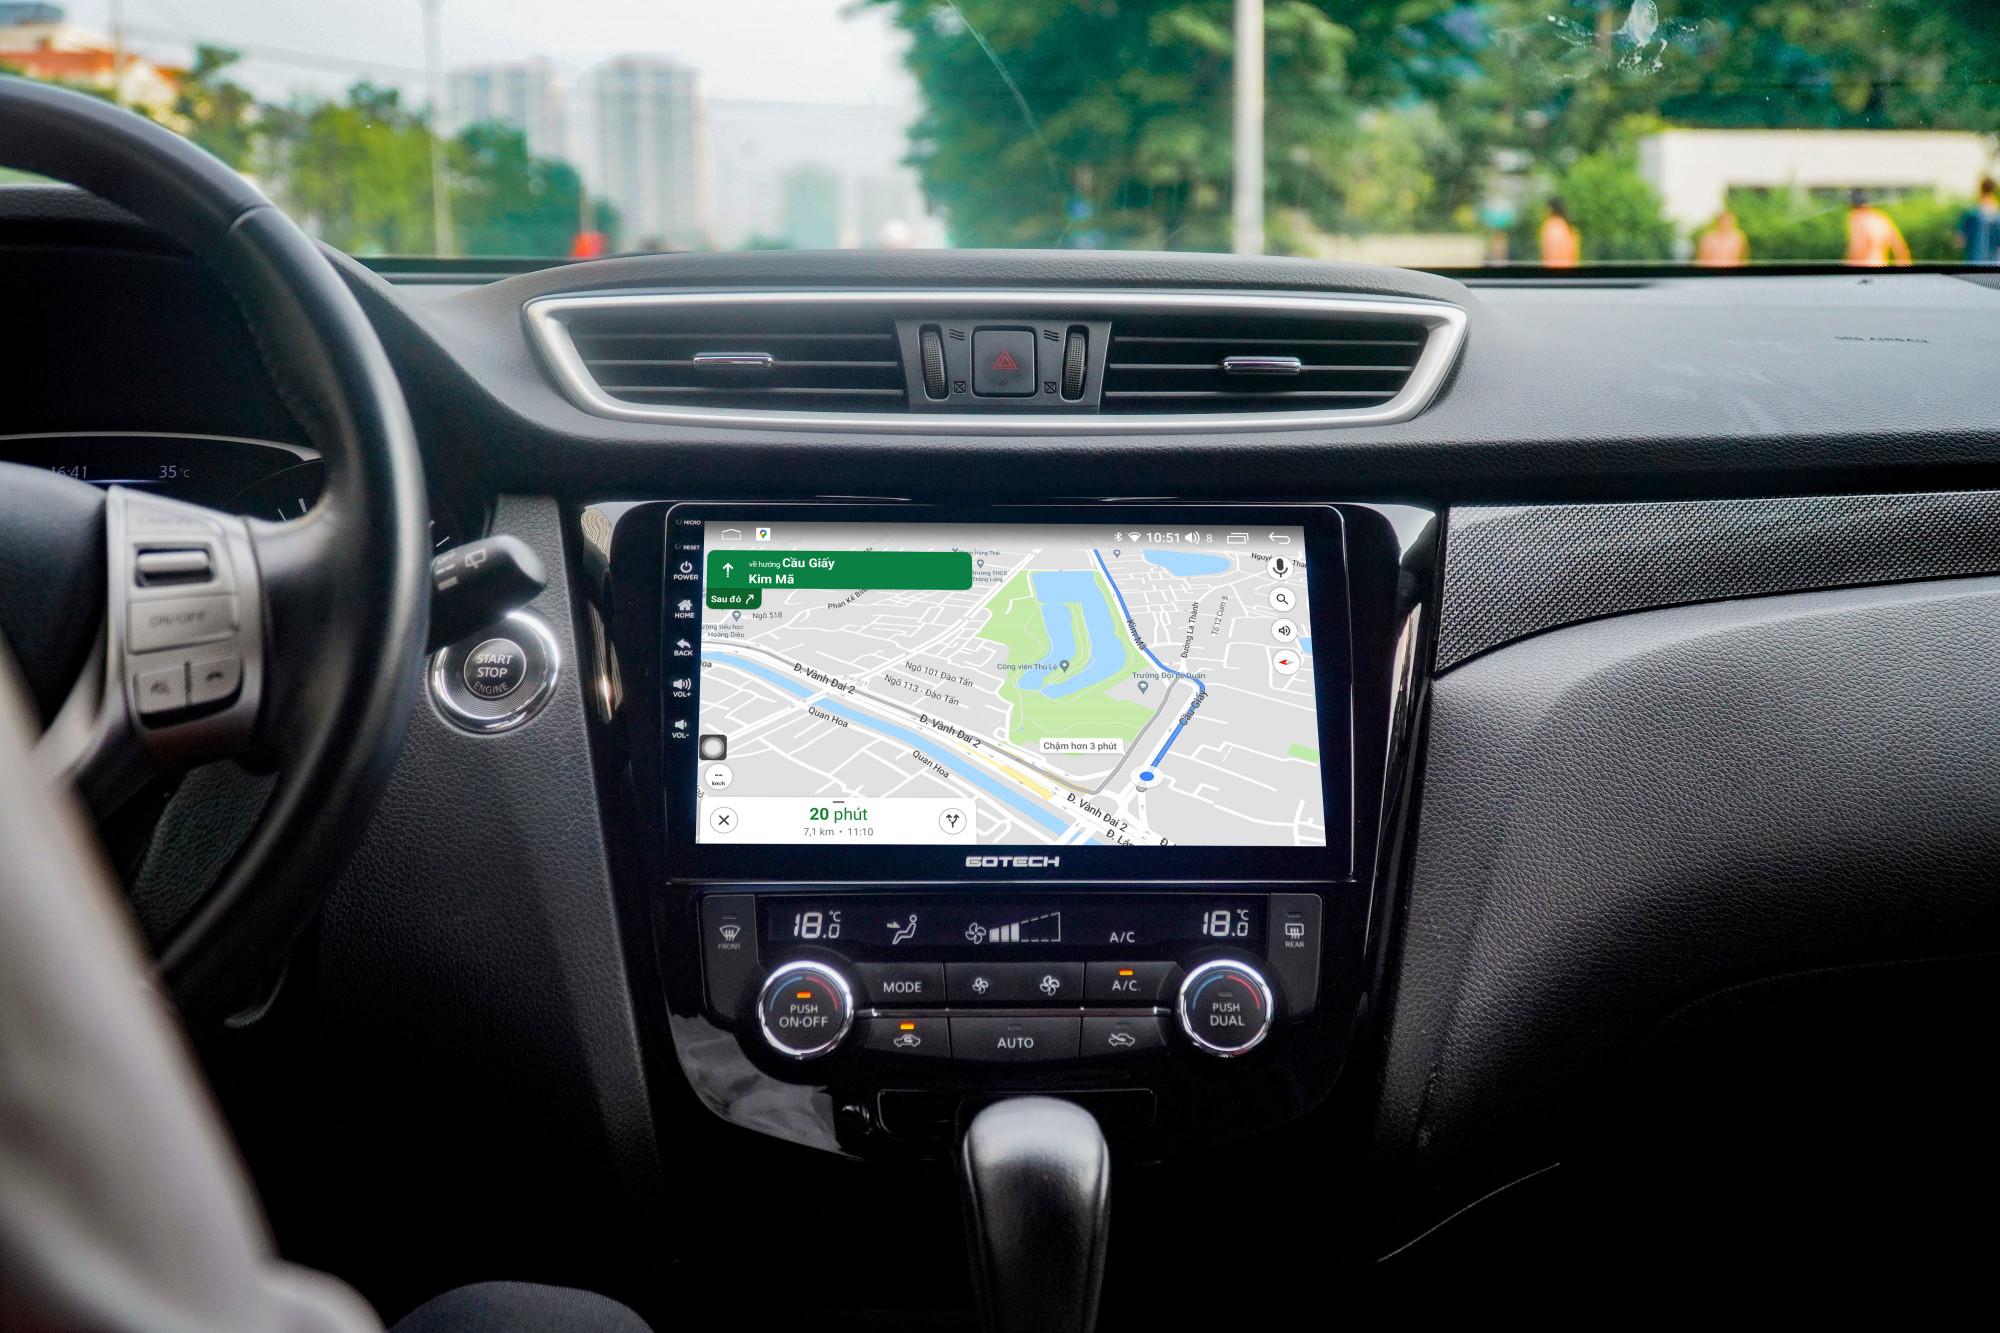 Ứng dụng chỉ đường Google Map trên màn hình ô tô thông minh